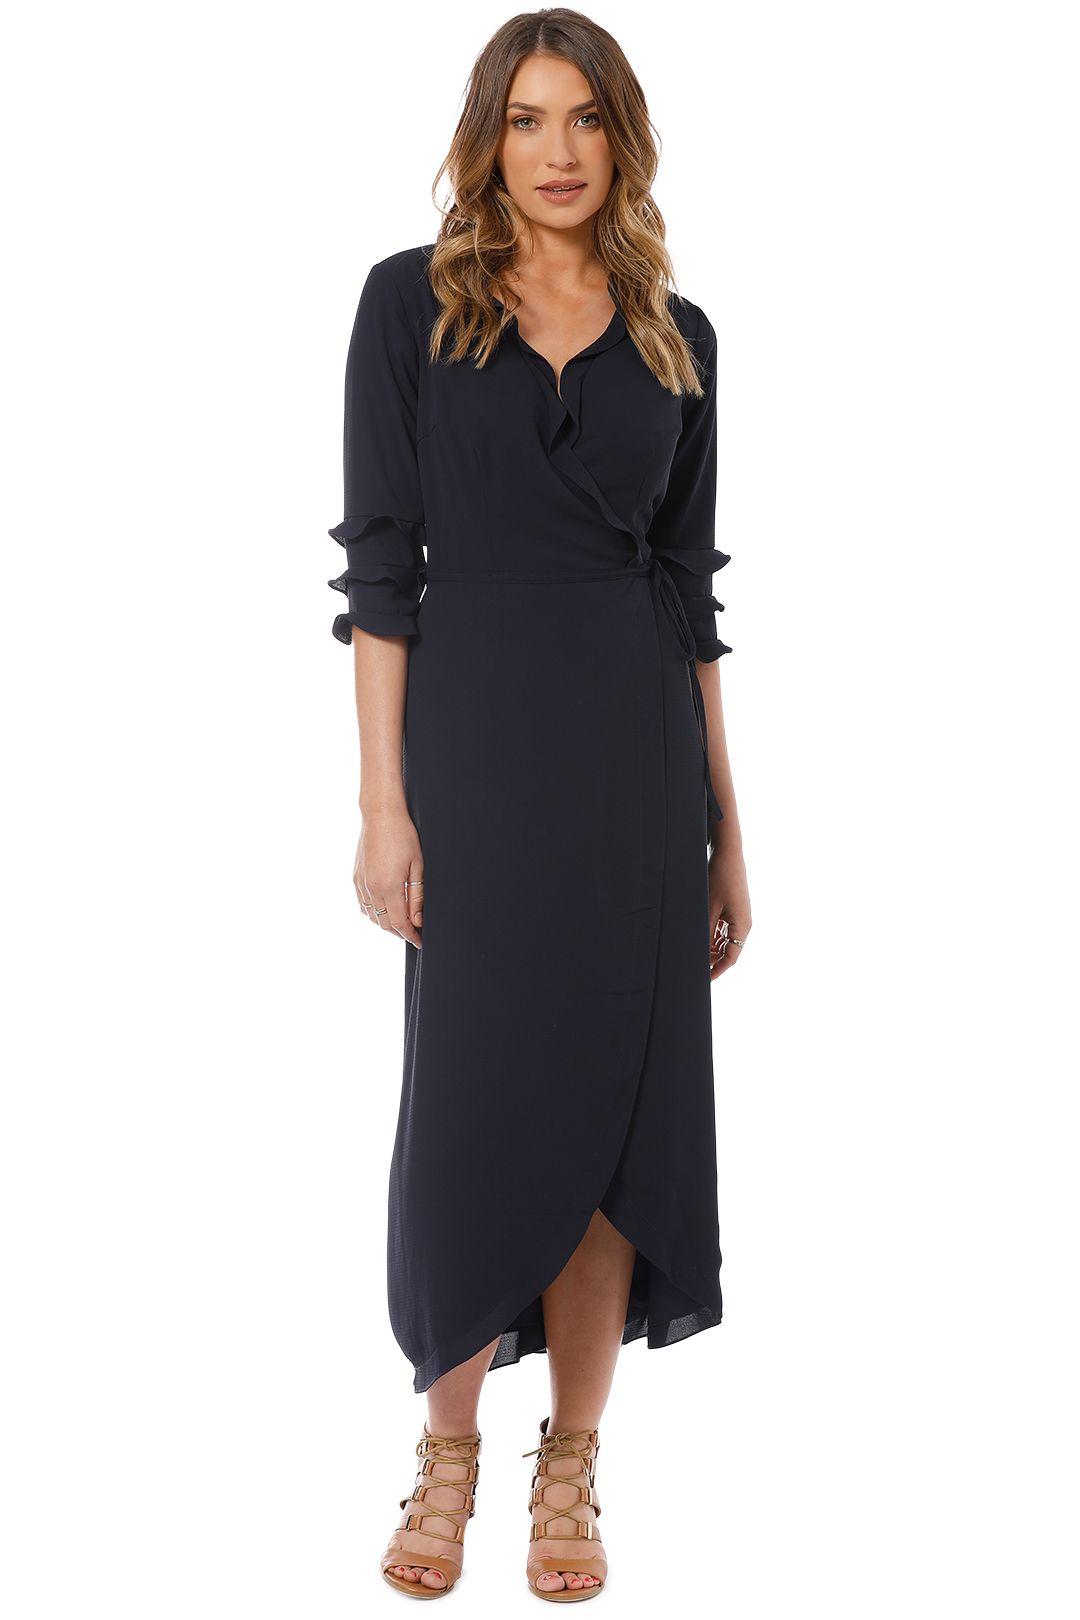 Cooper St - Bridgette Maxi Wrap Dress - Navy - Front